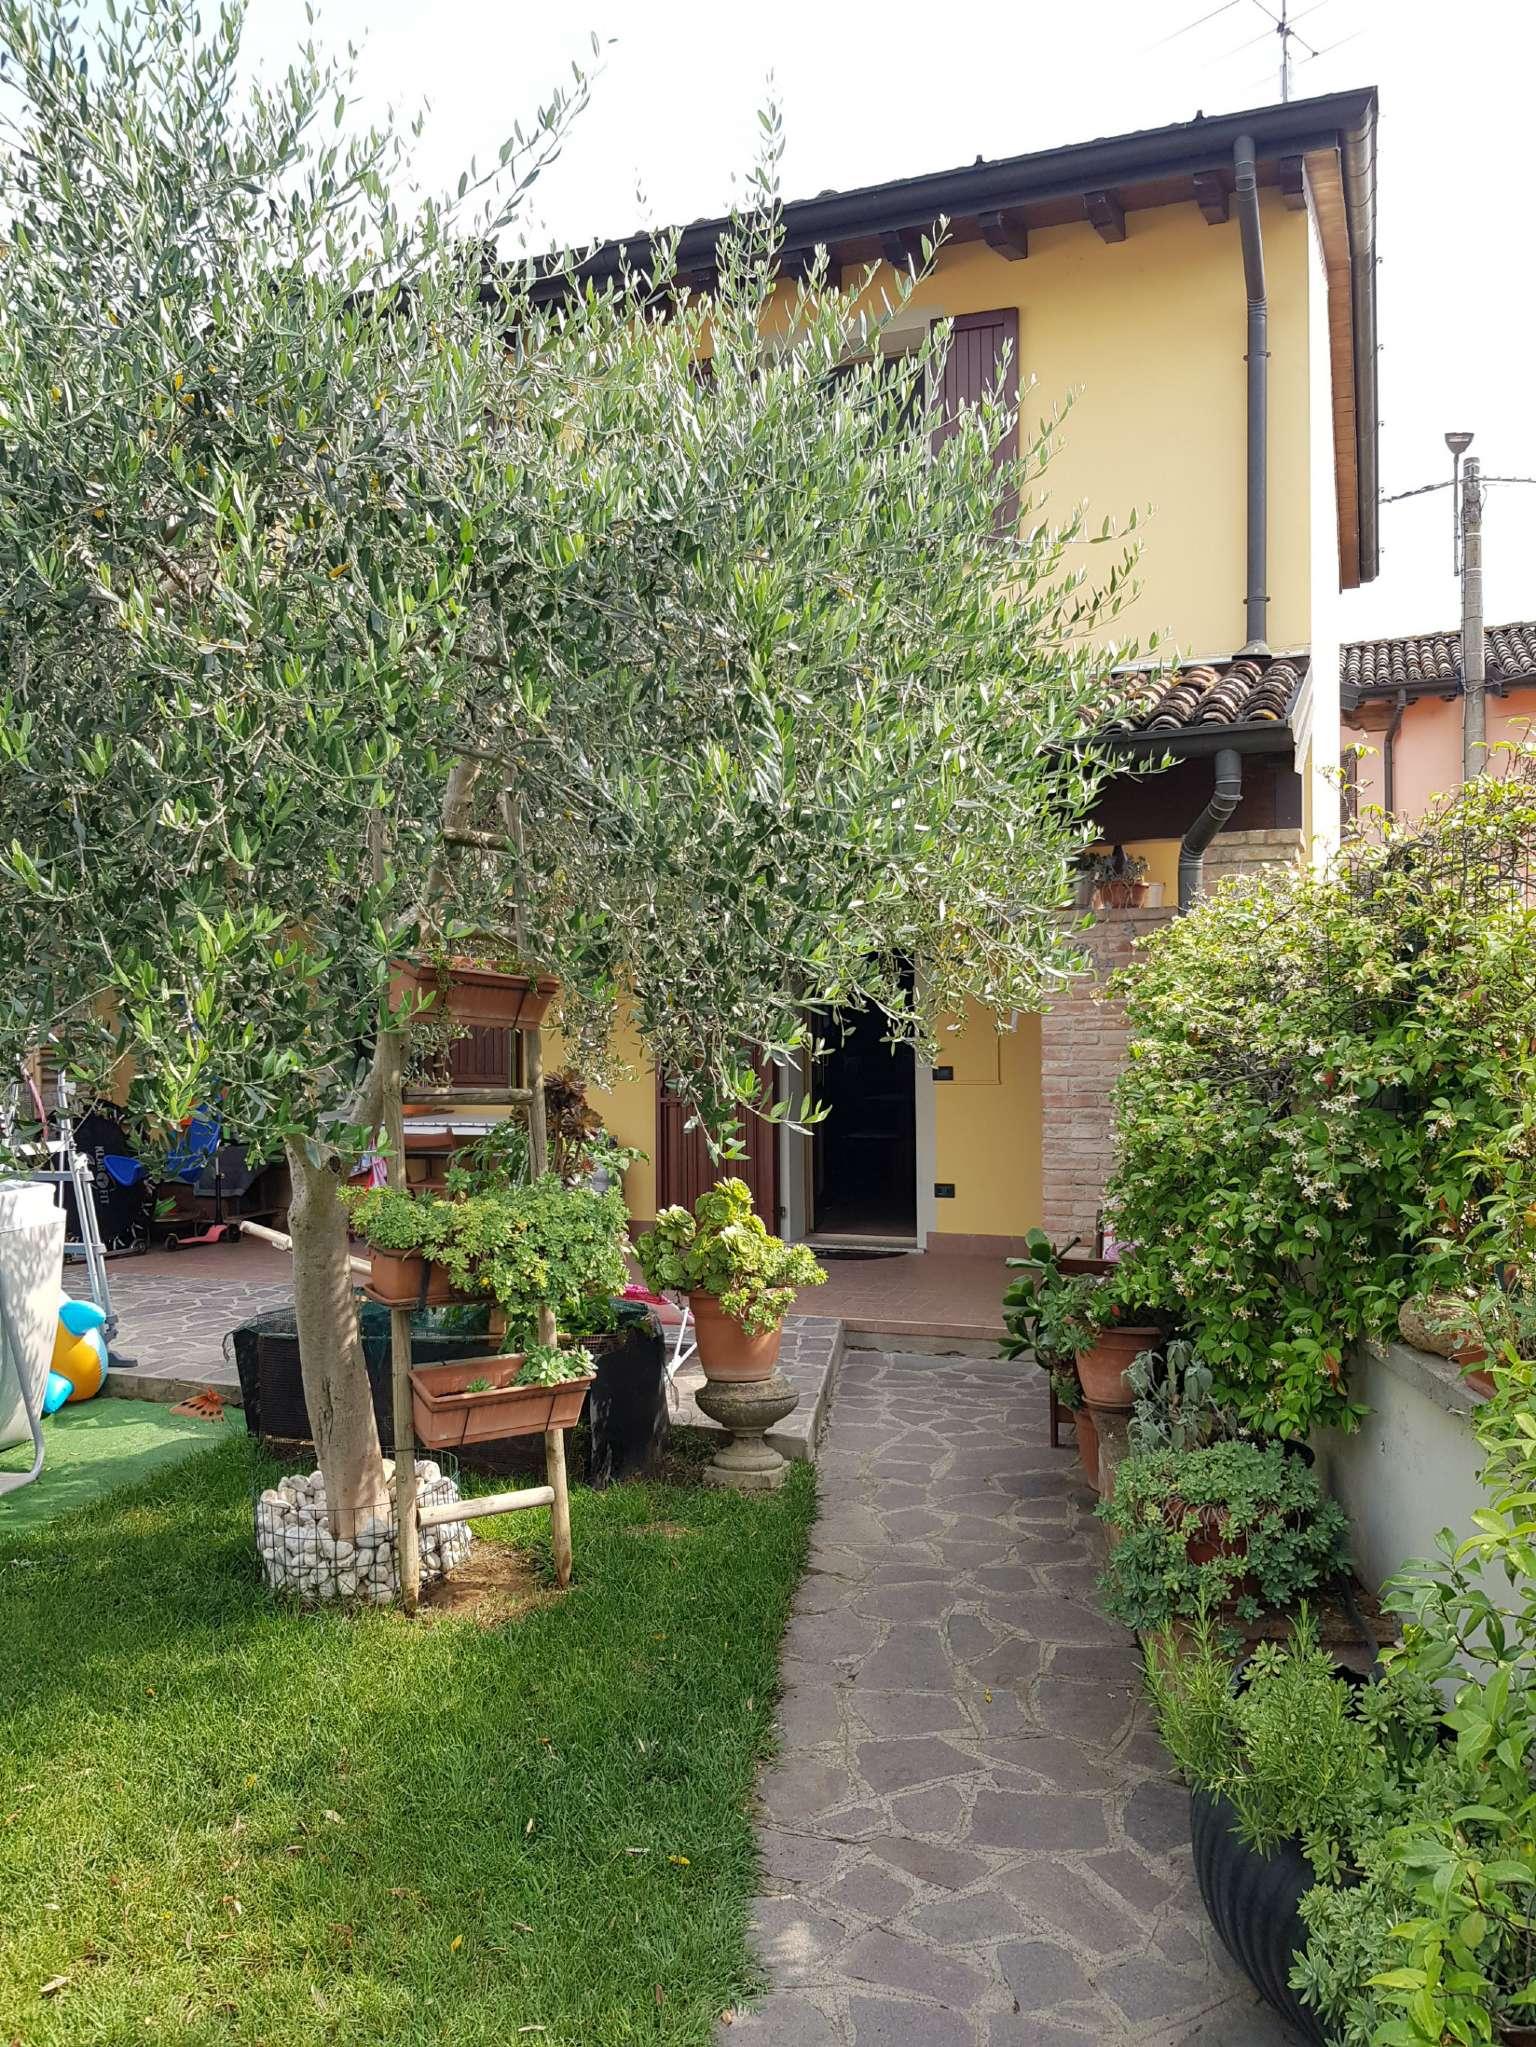 Villa in vendita a Gombito, 3 locali, prezzo € 125.000 | PortaleAgenzieImmobiliari.it